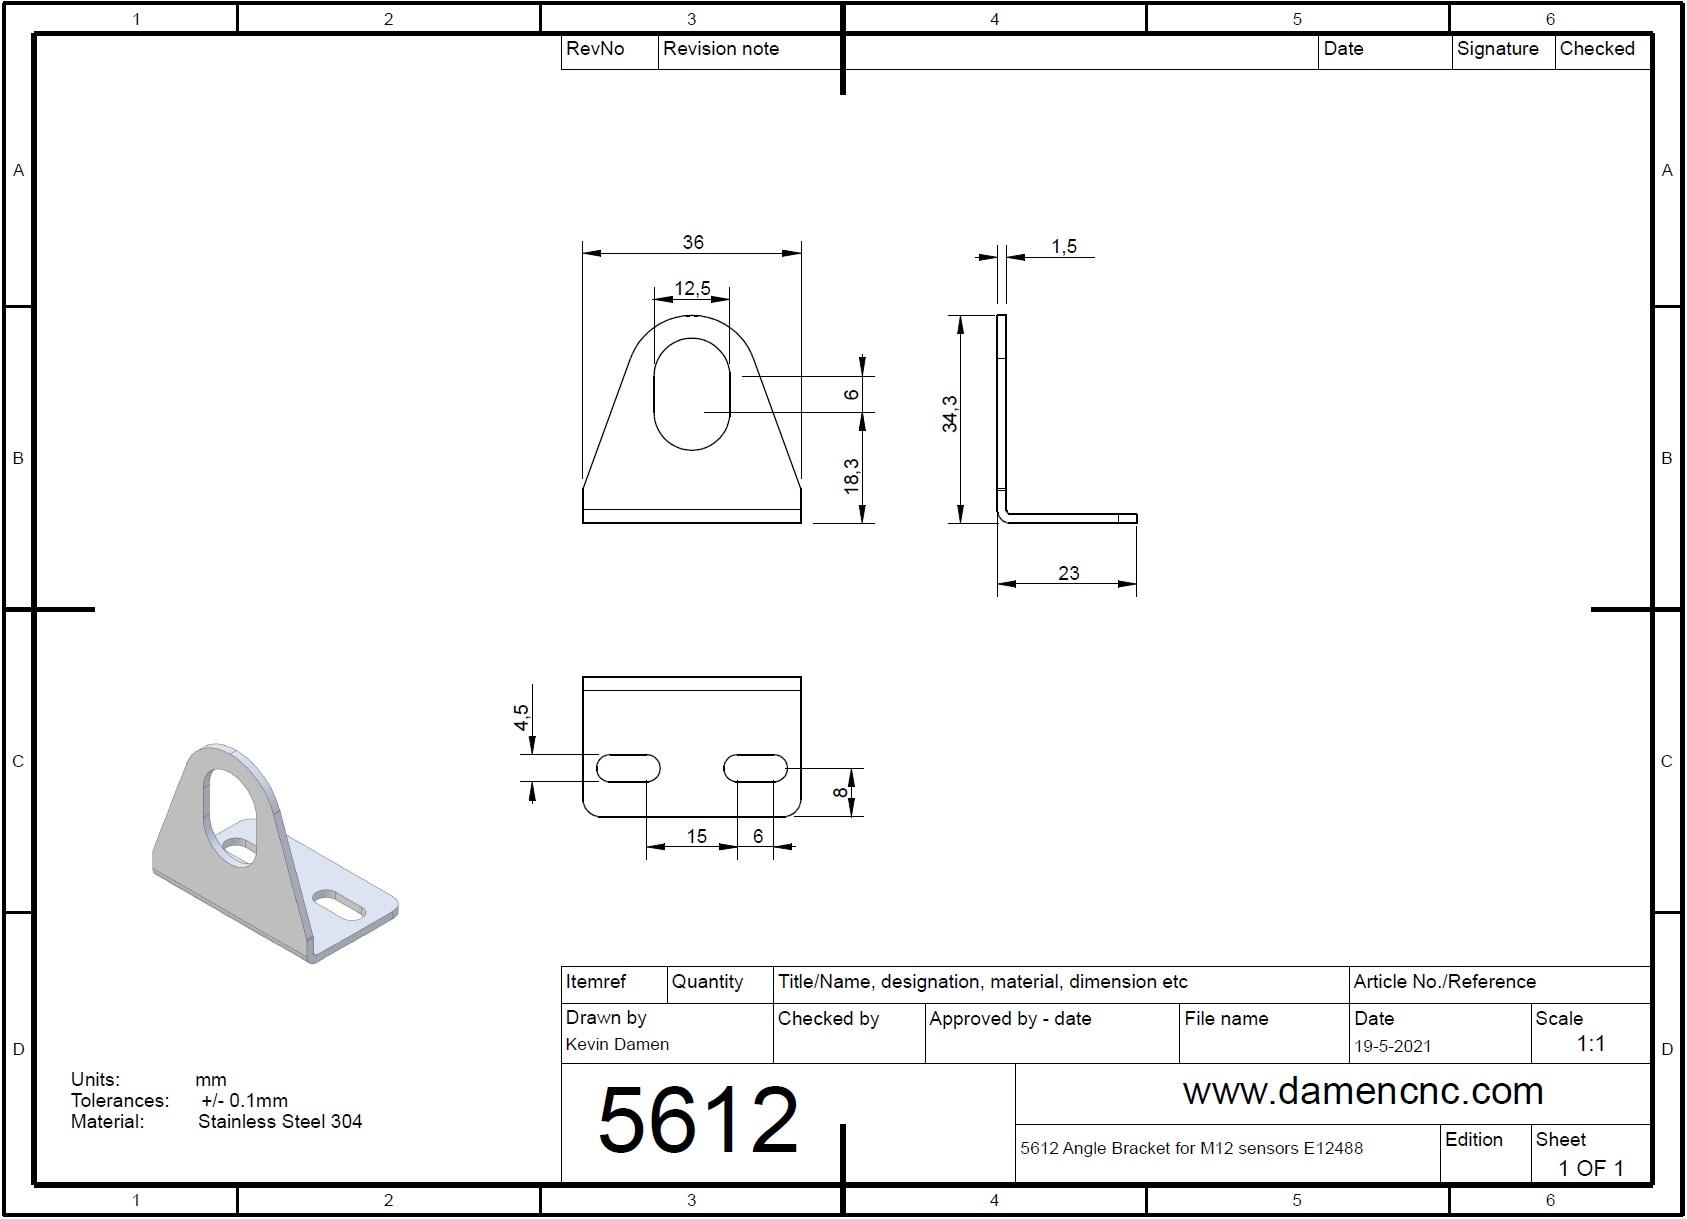 56123 angle bracket for m12 sensors e12488 2d dimensions damencnc